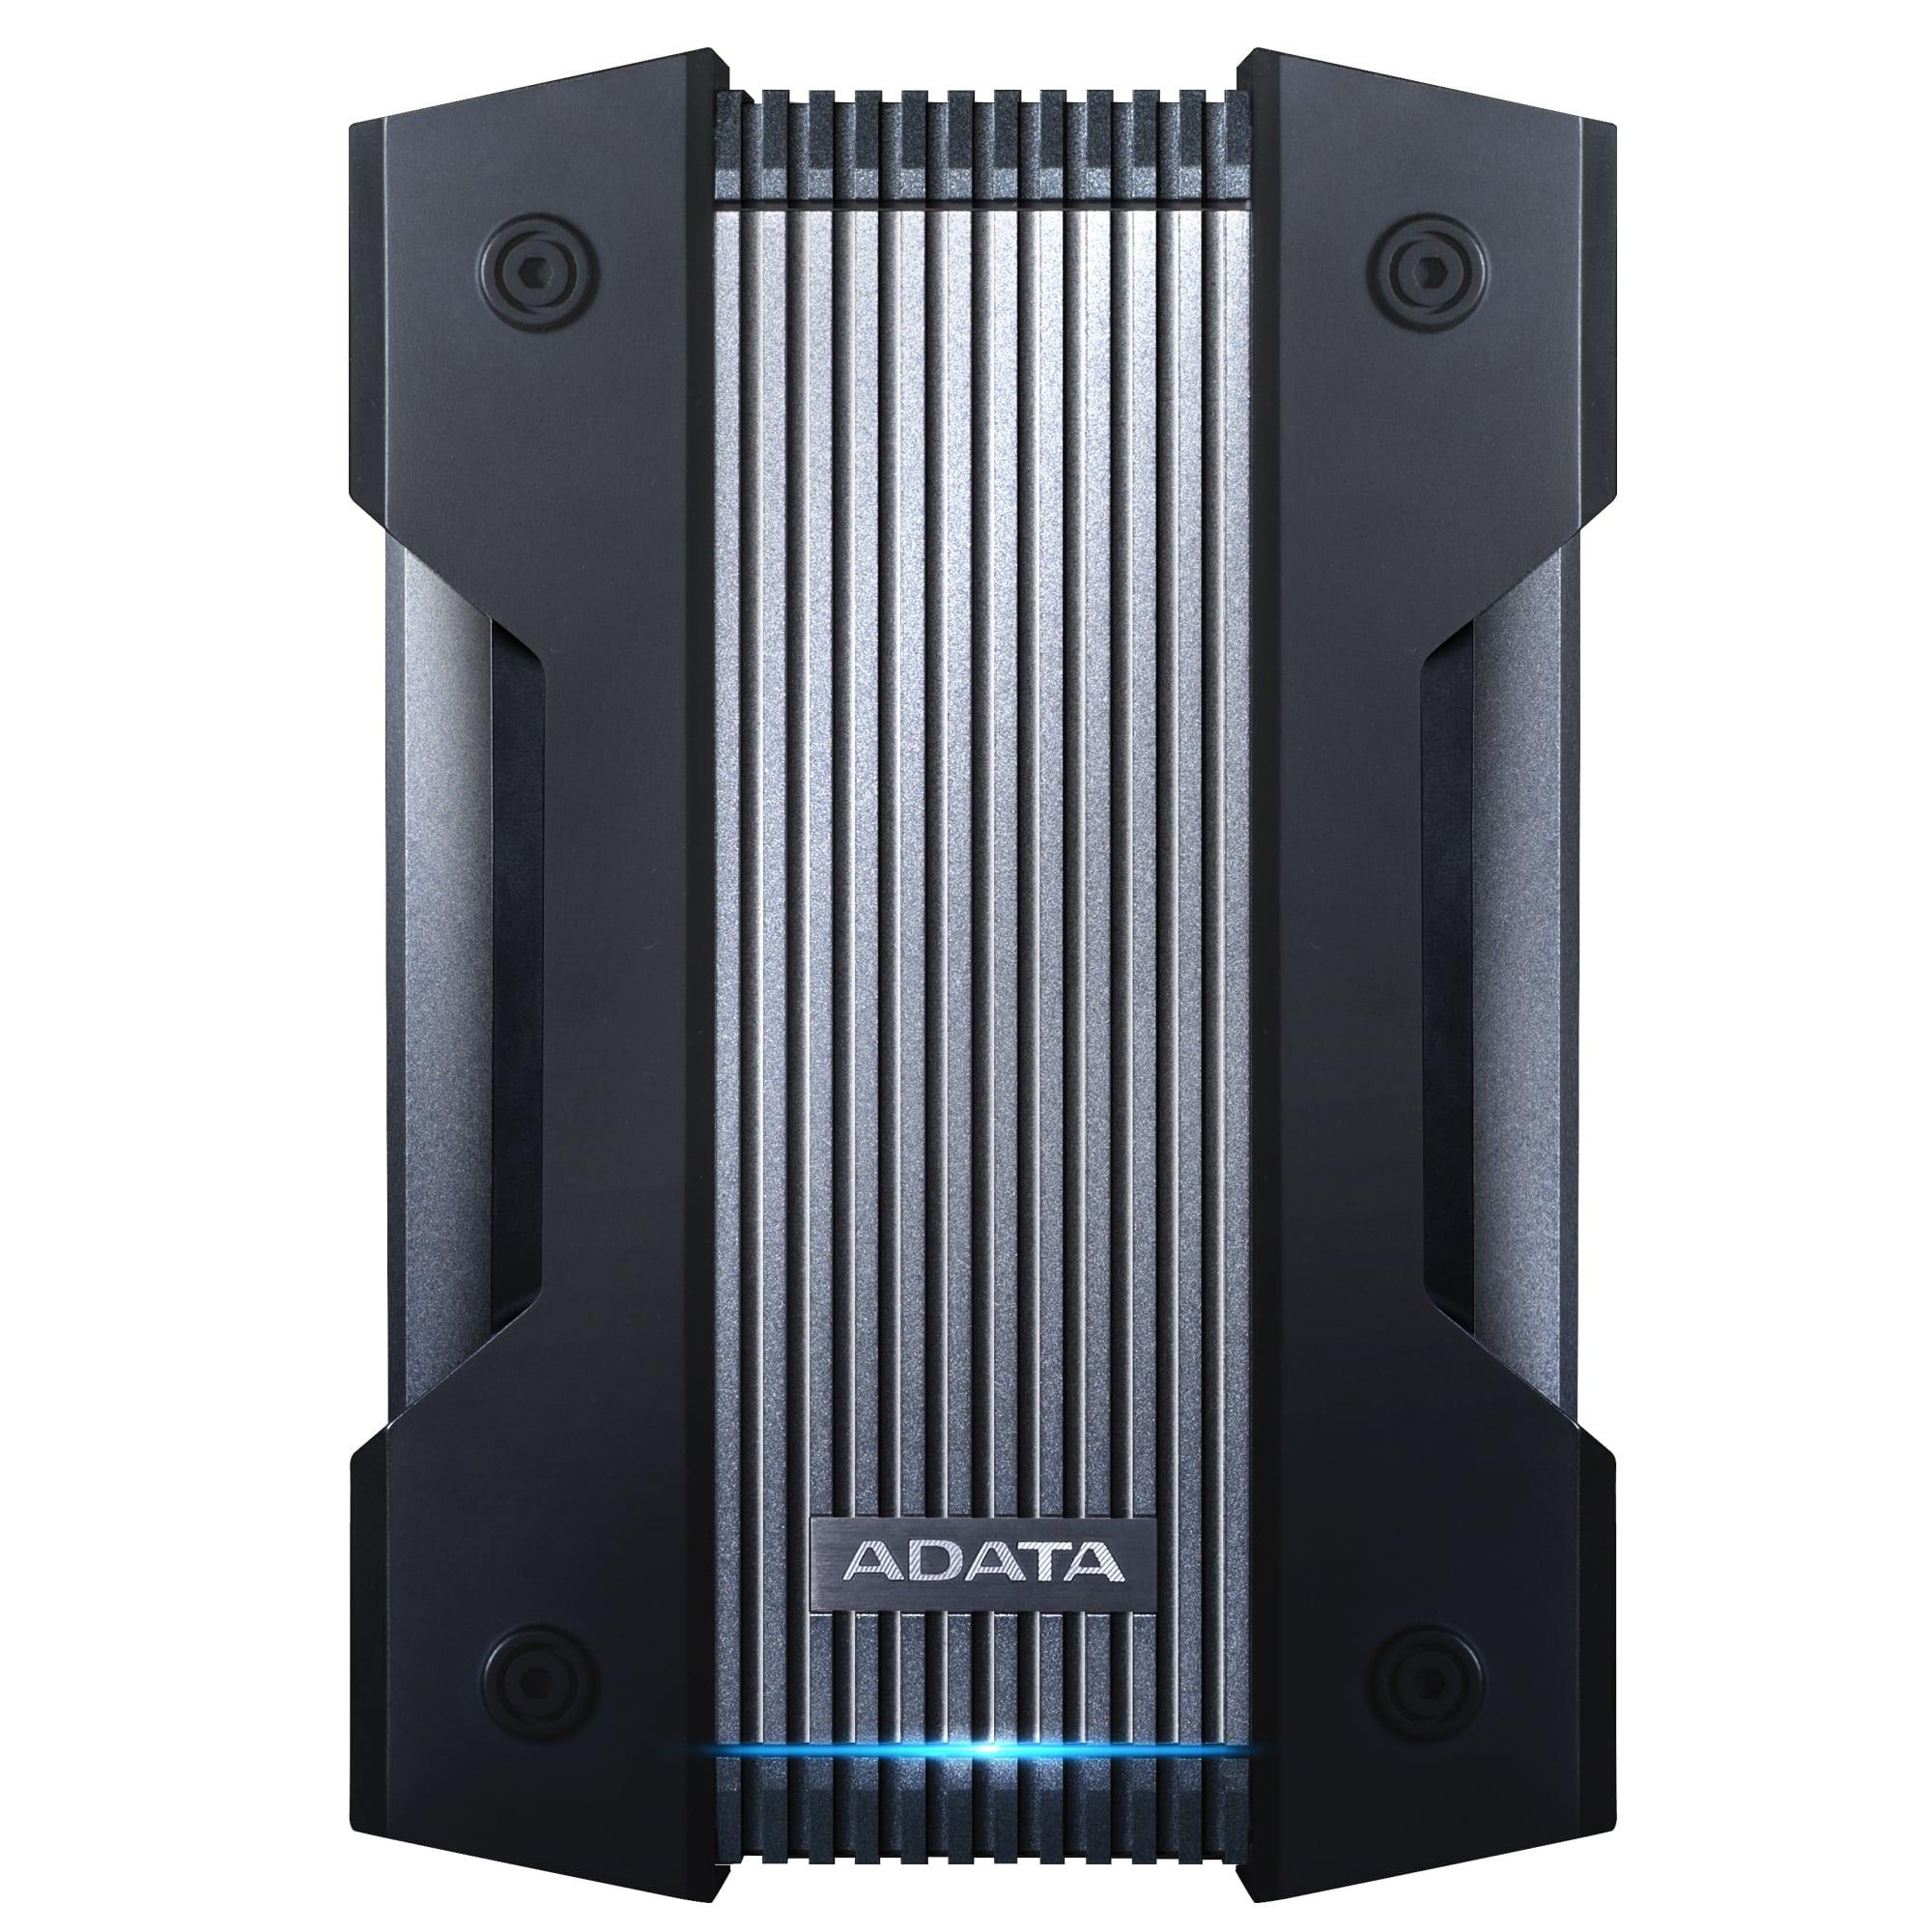 ADATA HD830 external hard drive 5000 GB Black